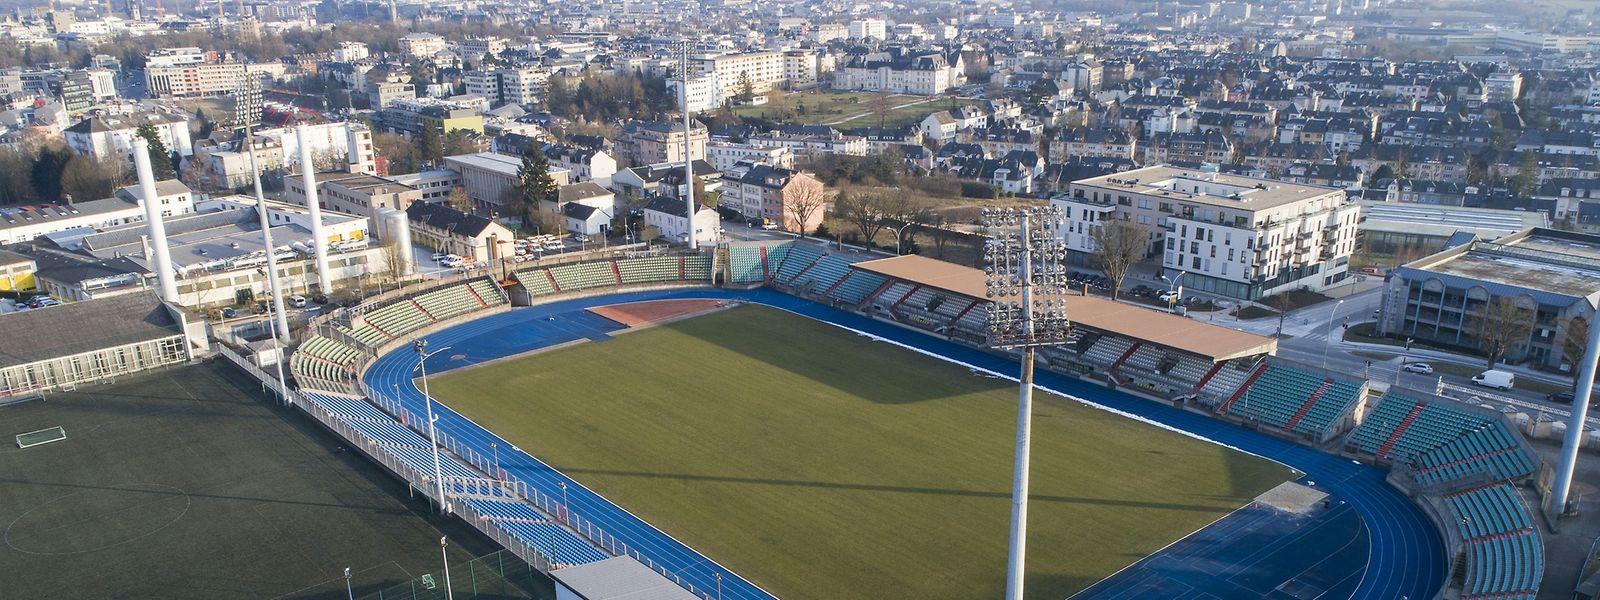 Au second semestre 2020, le stade Josy Barthel, route d'Arlon sera définitivement abandonné pour laisser le nouveau stade national en construction à Kockelscheuer prendre sa relève.